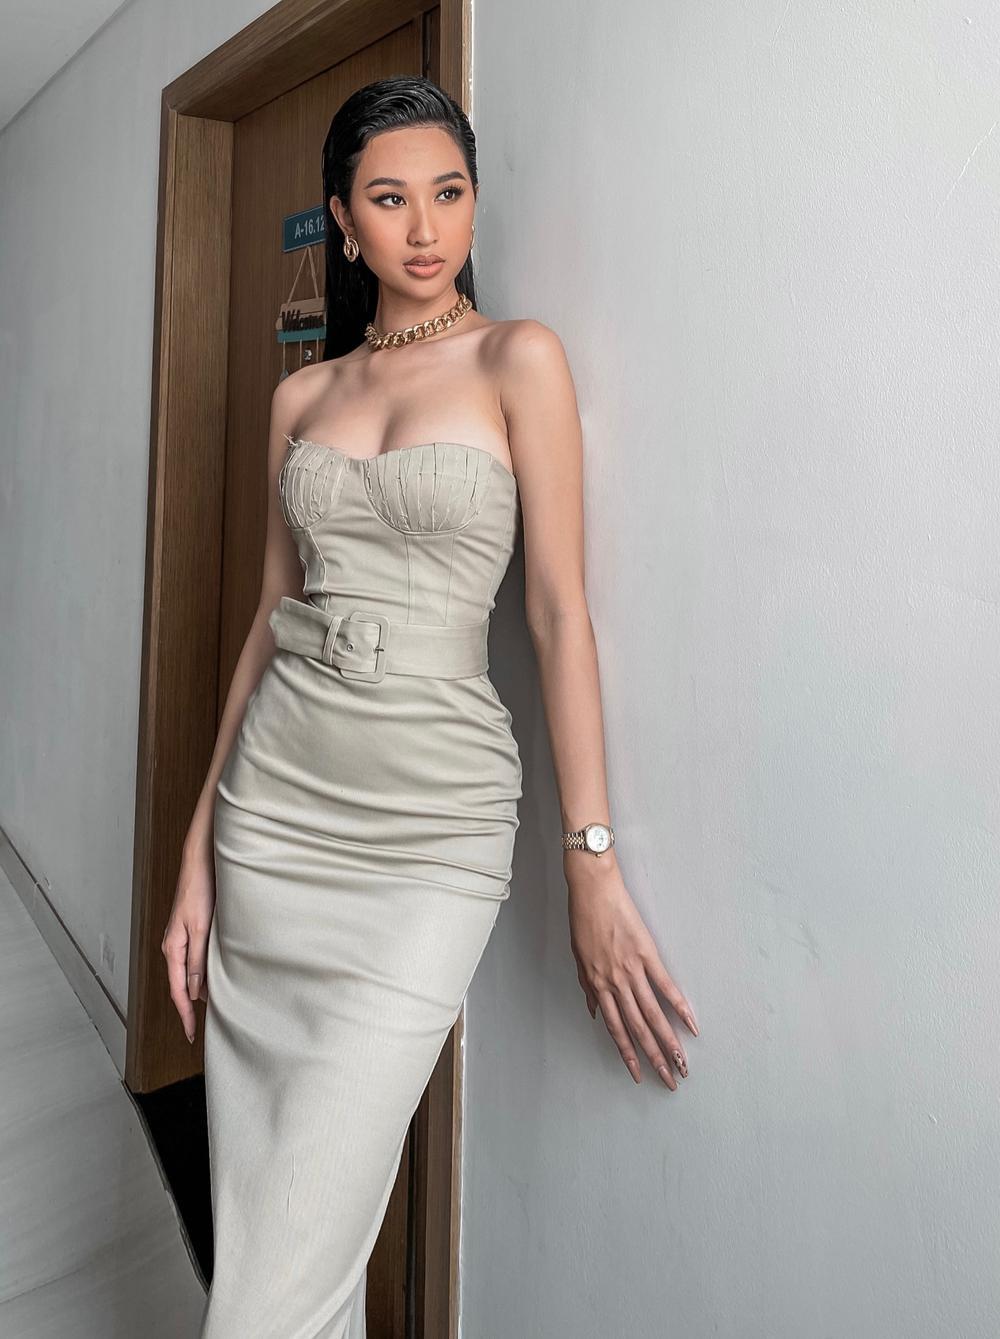 Top 10 MUV 2019 Phạm Thư khoe đường cong bốc lửa, vòng 1 quyến rũ chuẩn beauty queen Ảnh 5